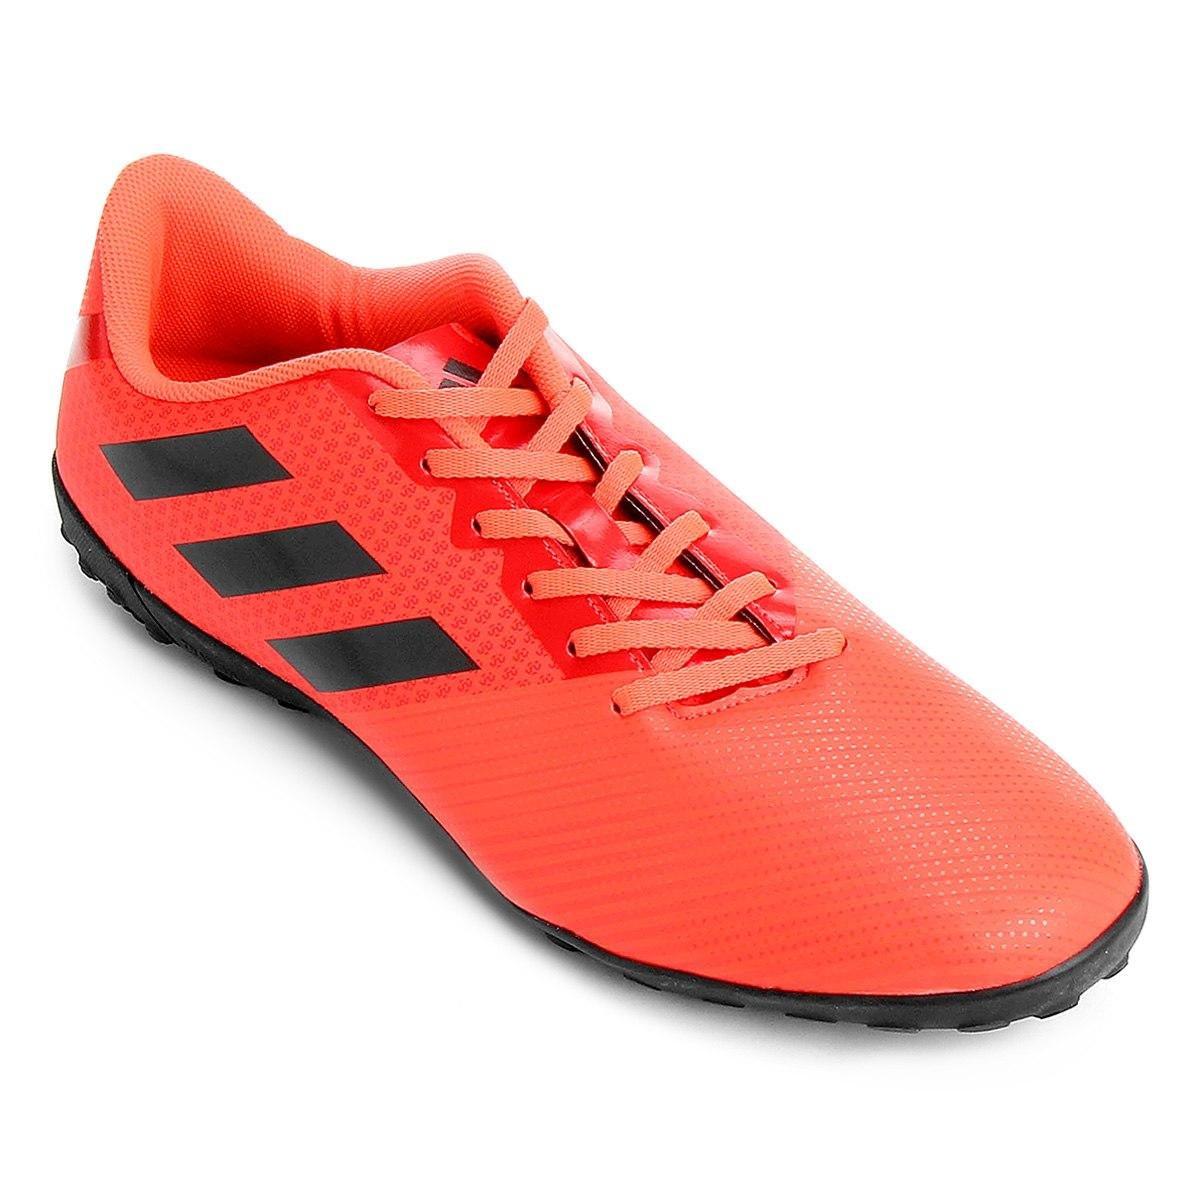 Chuteira Society Adidas Artilheira 17 TF - Vermelho - Compre Agora ... e7f912e83ae08